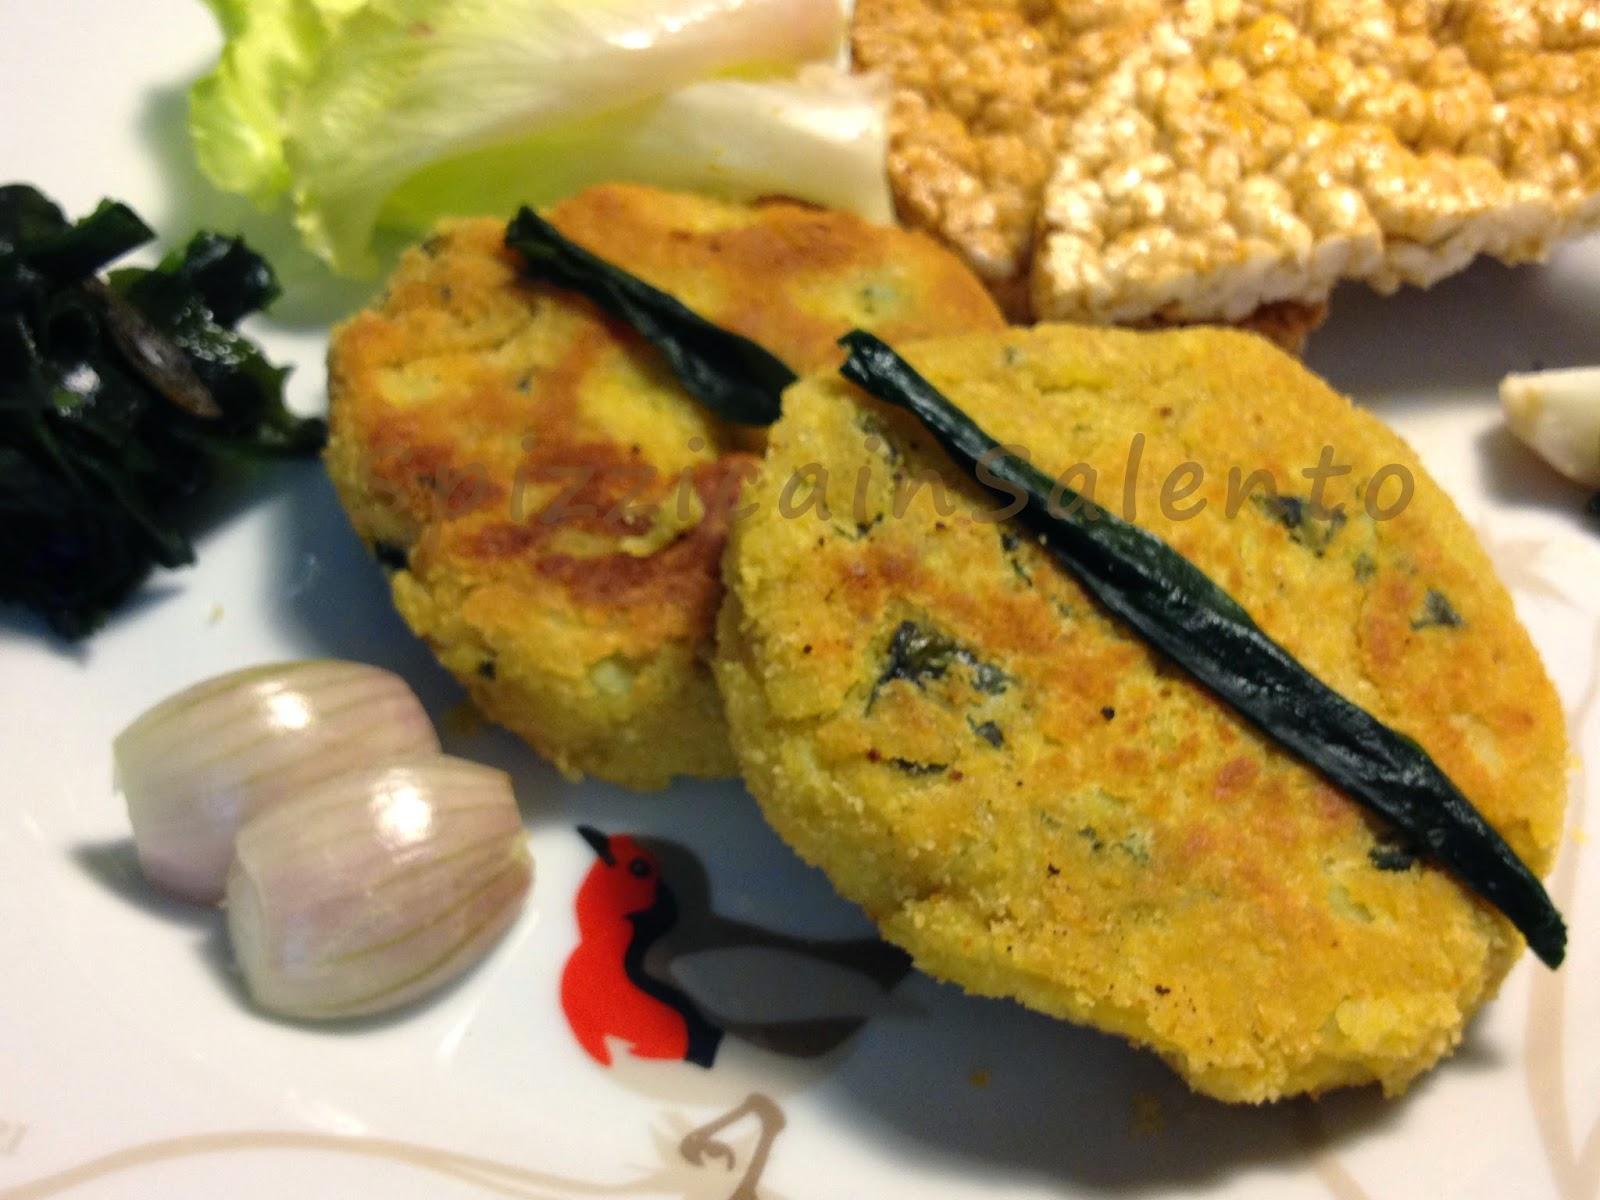 hamburger vegetariano con alga wakame e ceci